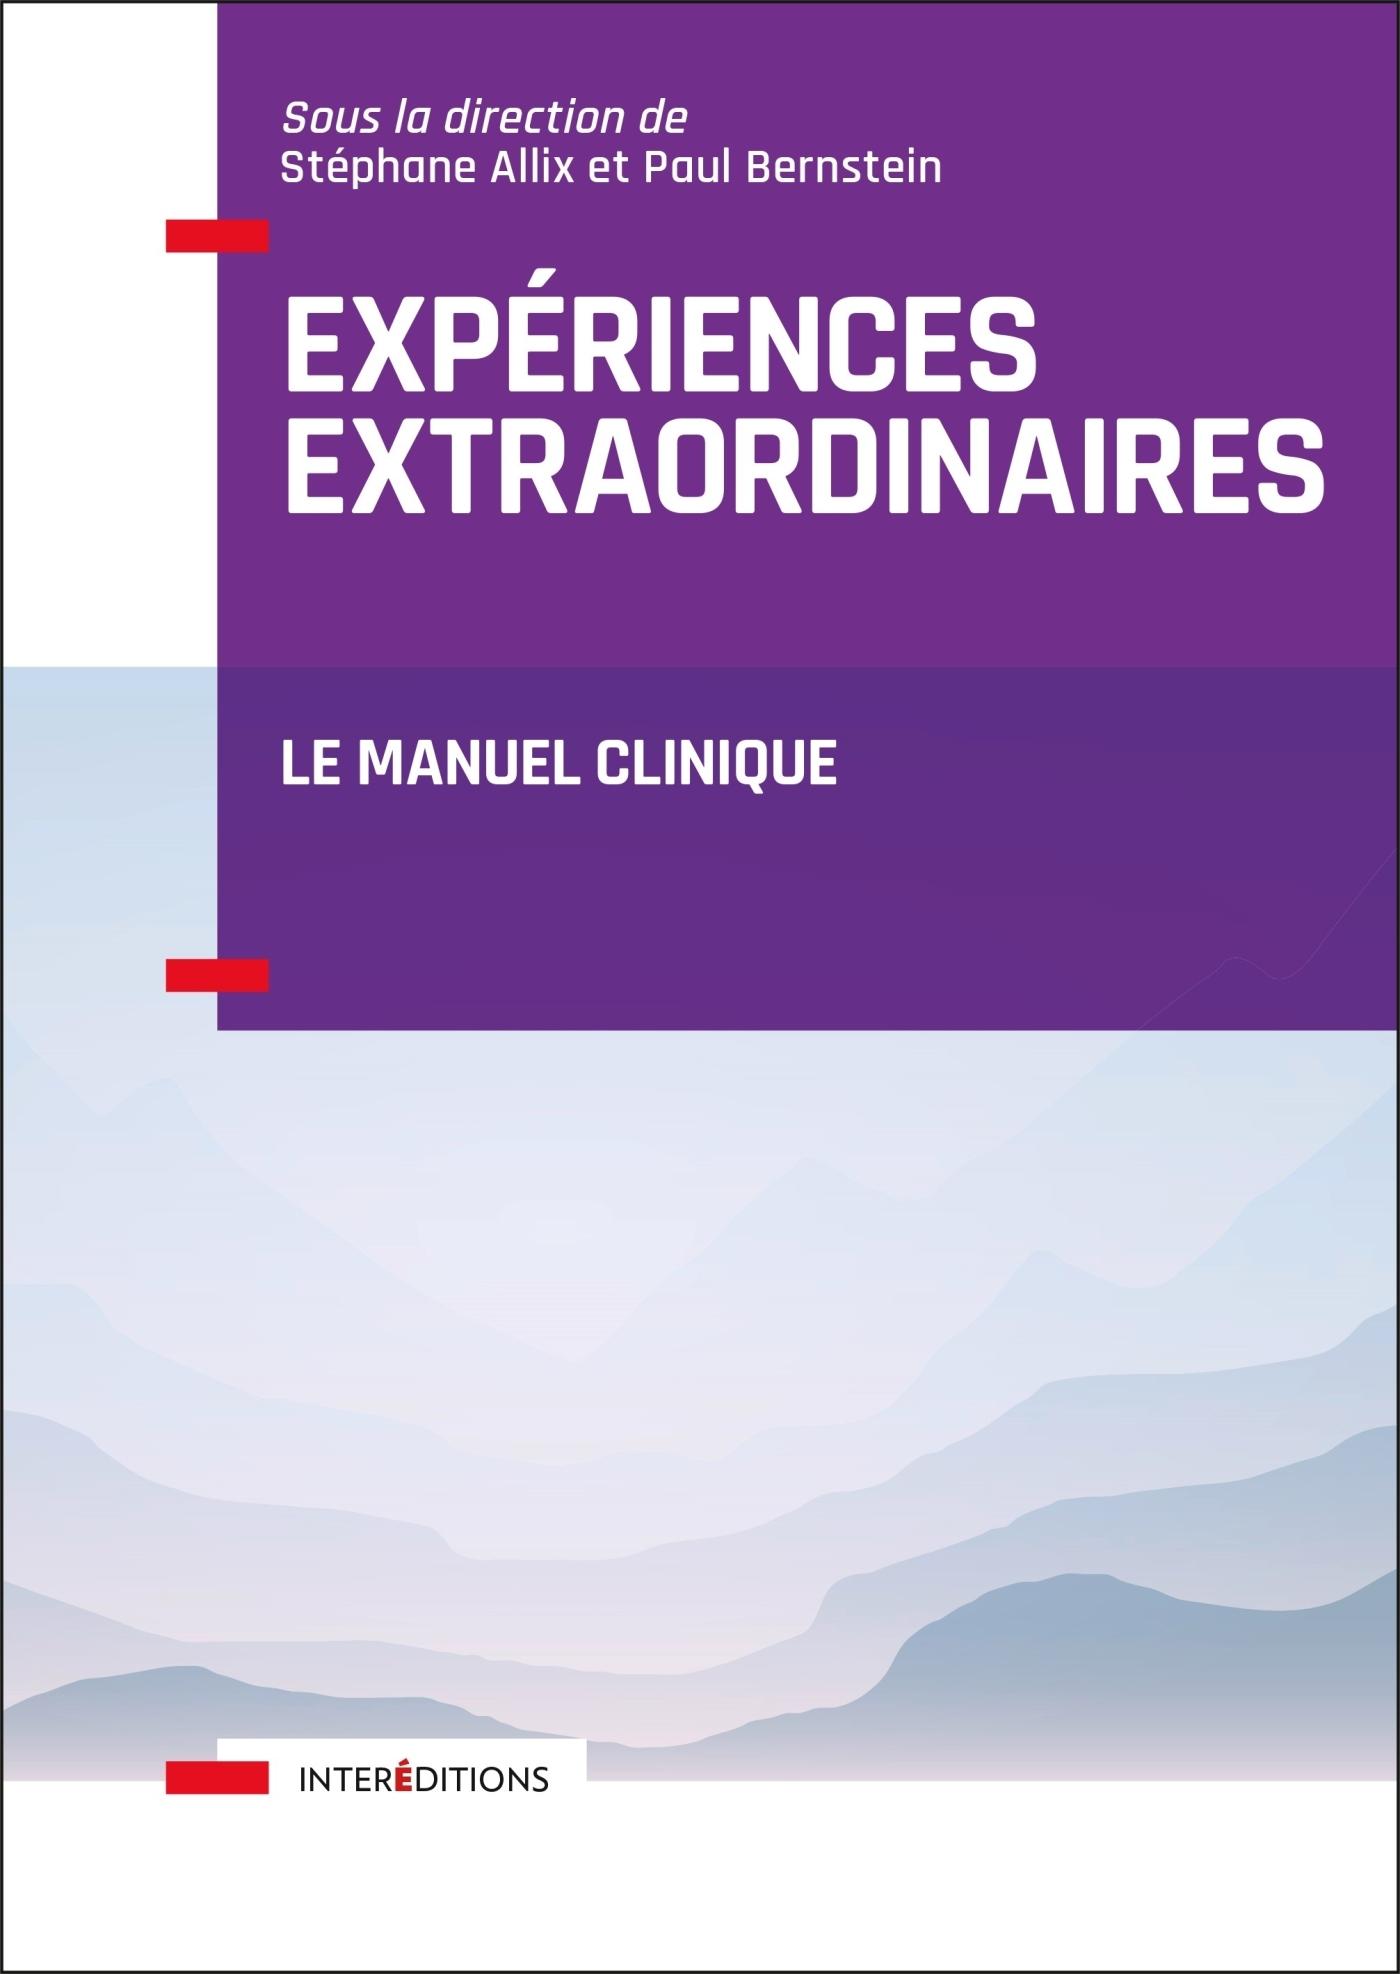 EXPERIENCES EXTRAORDINAIRES - LE MANUEL CLINIQUE